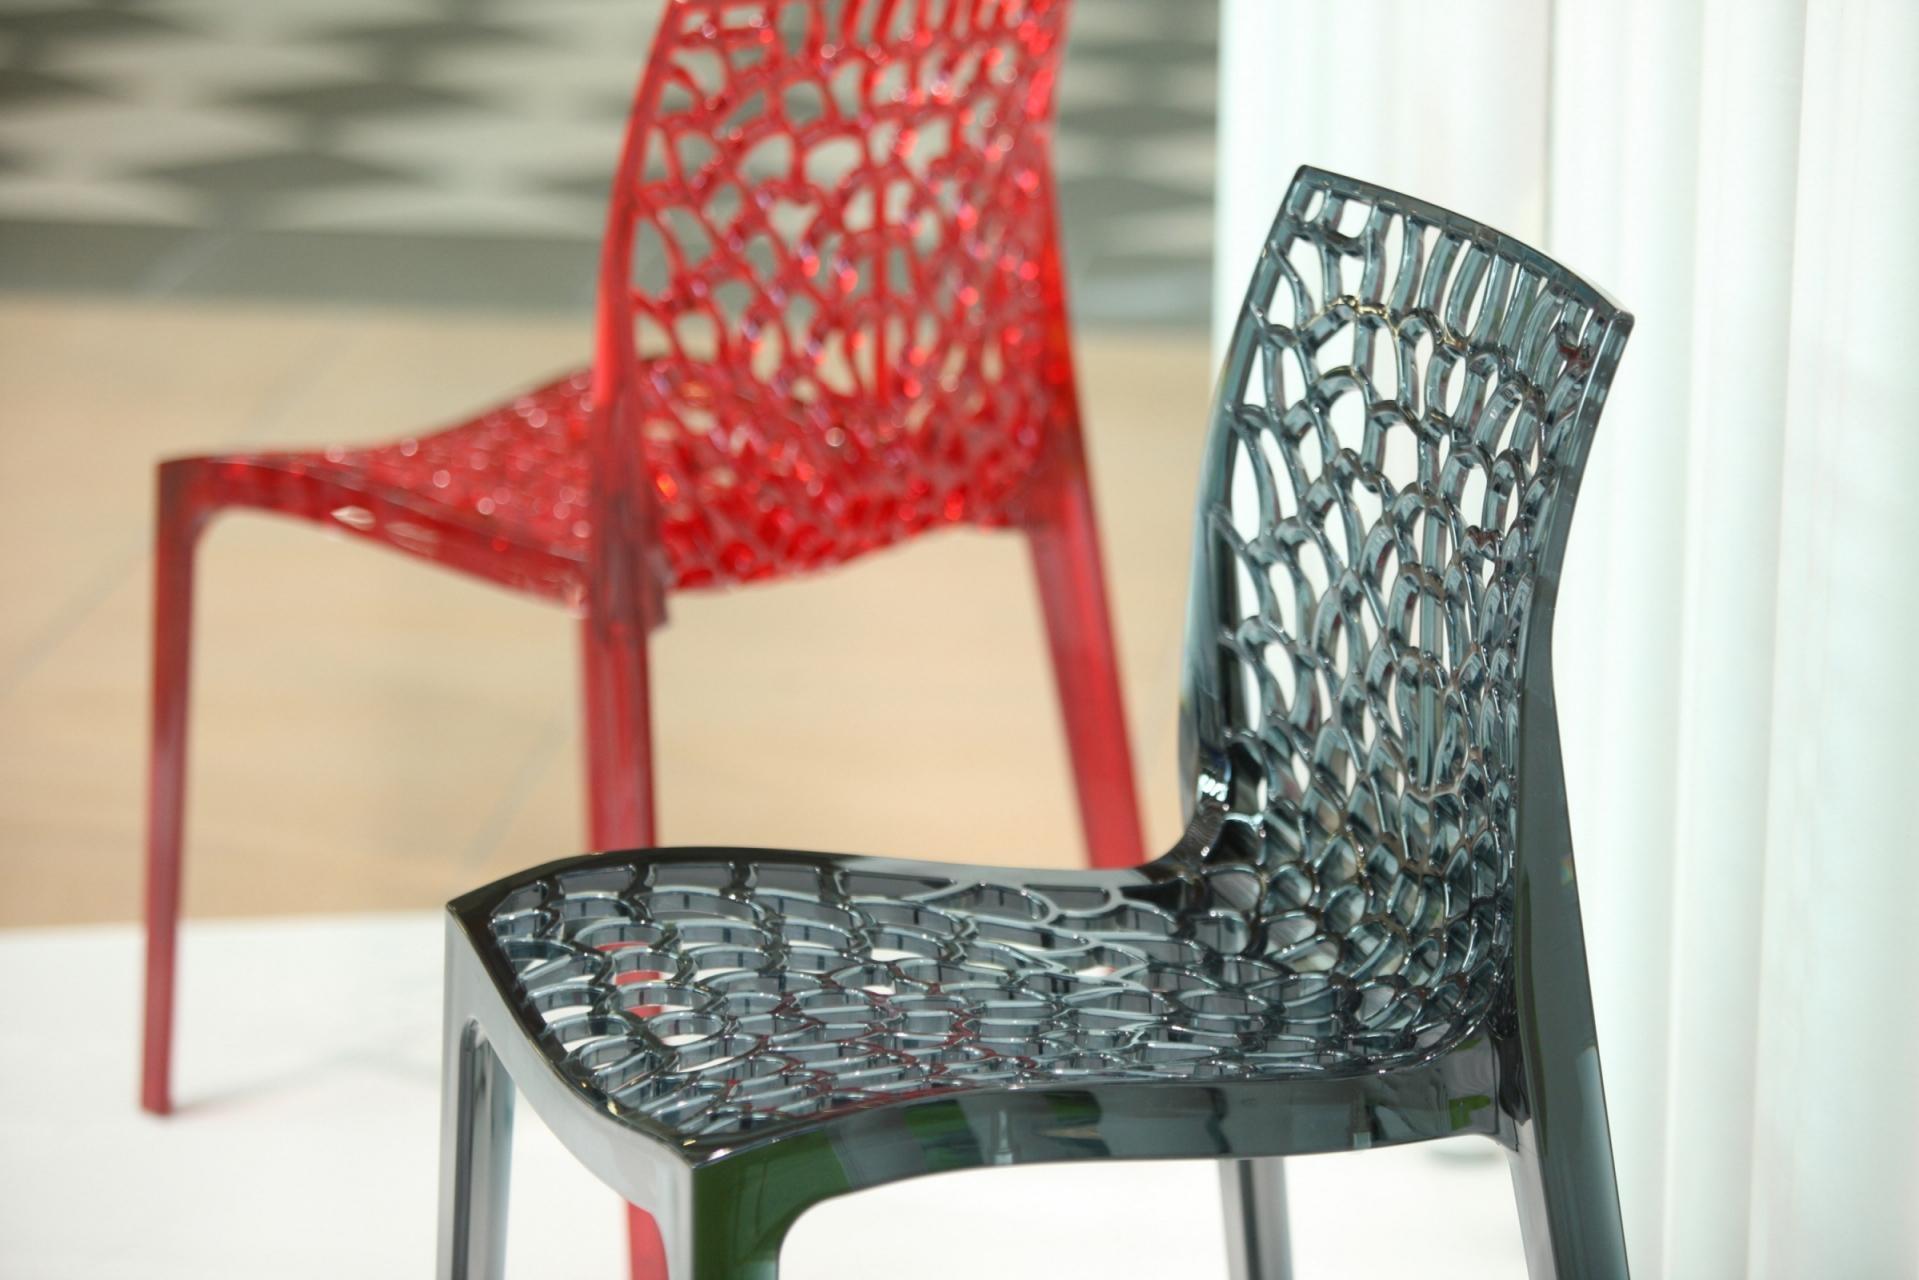 20 photos heel chair sofas sofa ideas for Cheap modern furniture adelaide